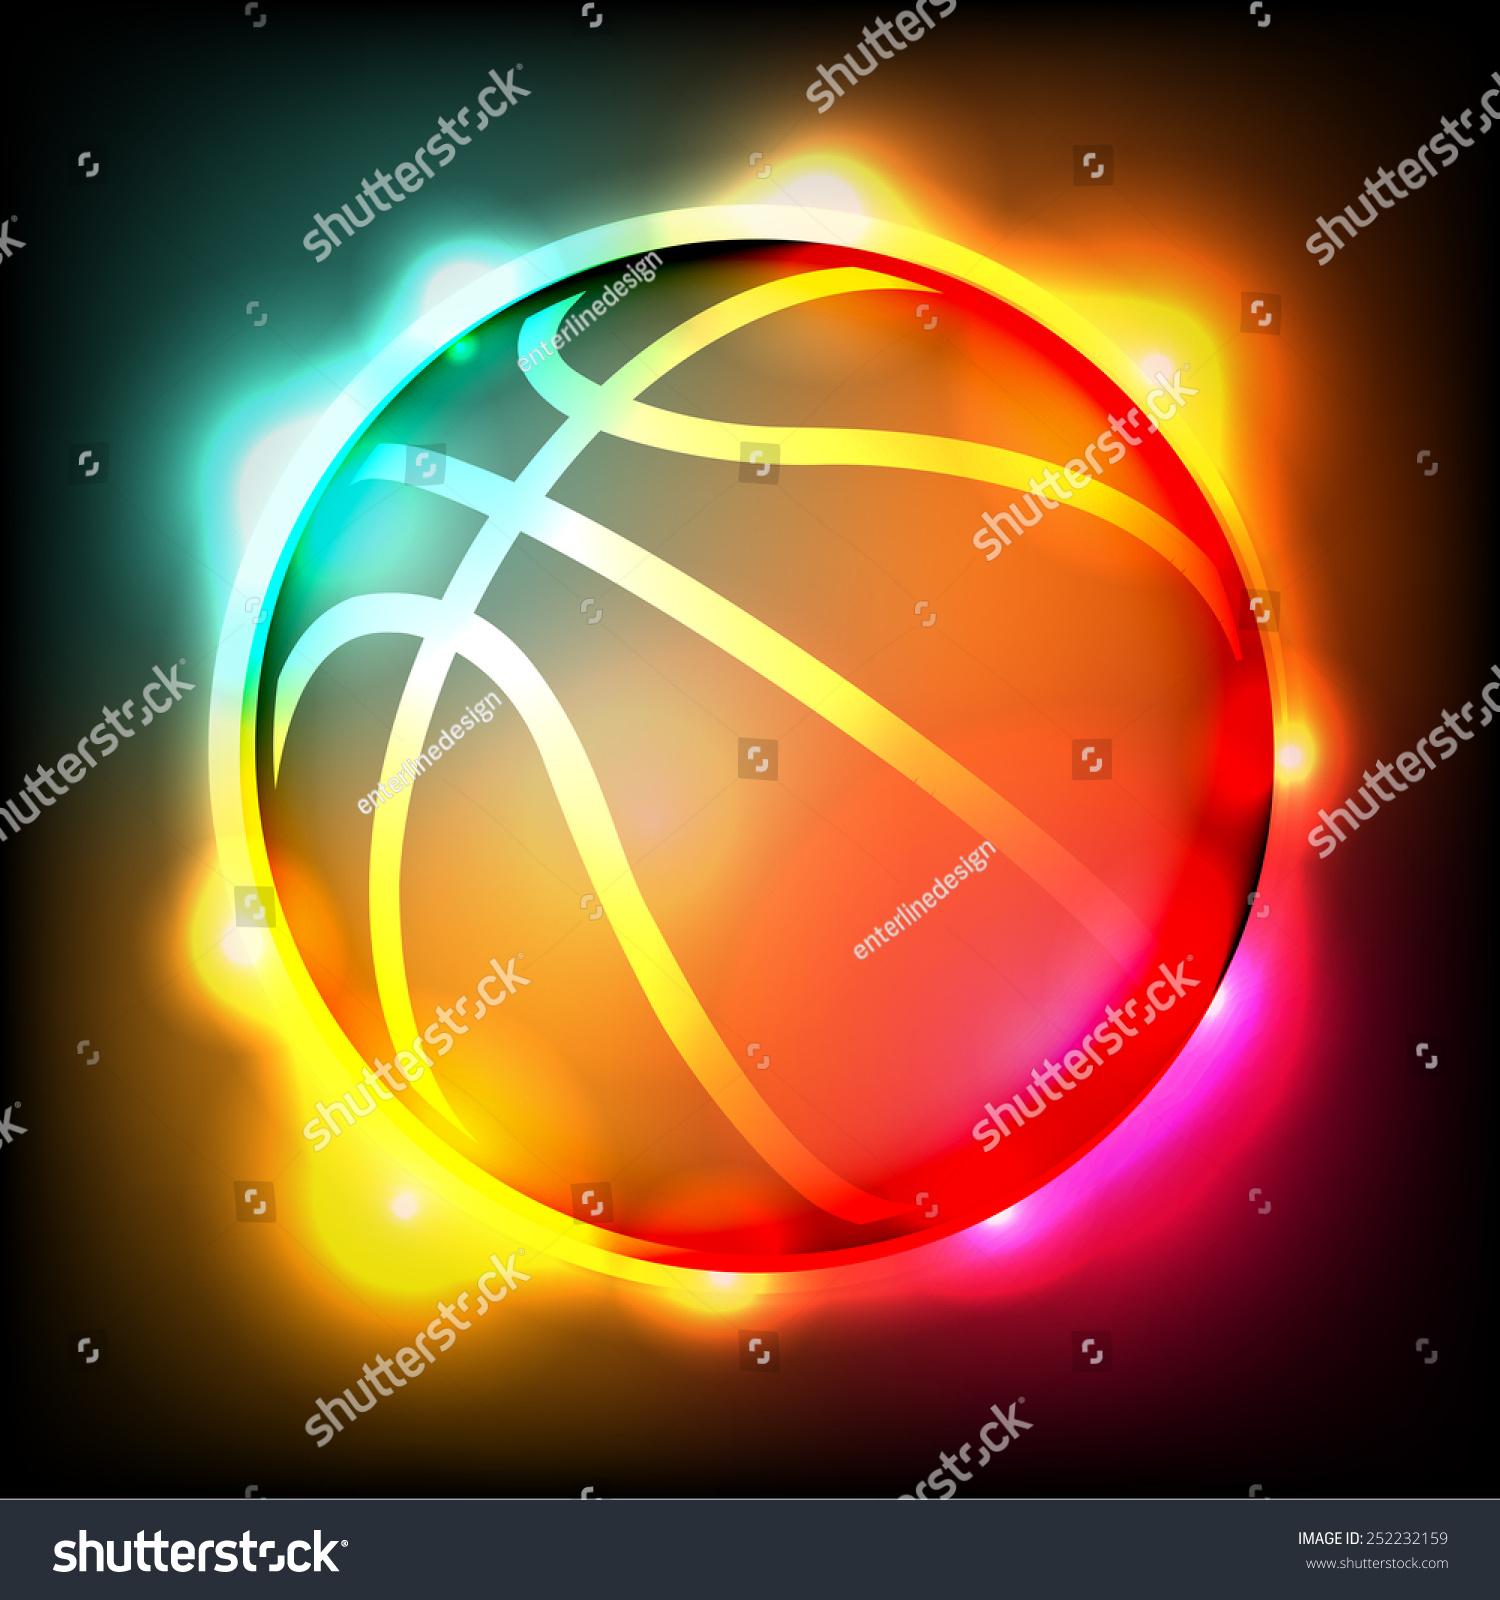 一个色彩鲜艳的插图发光的篮球.向量eps 10.